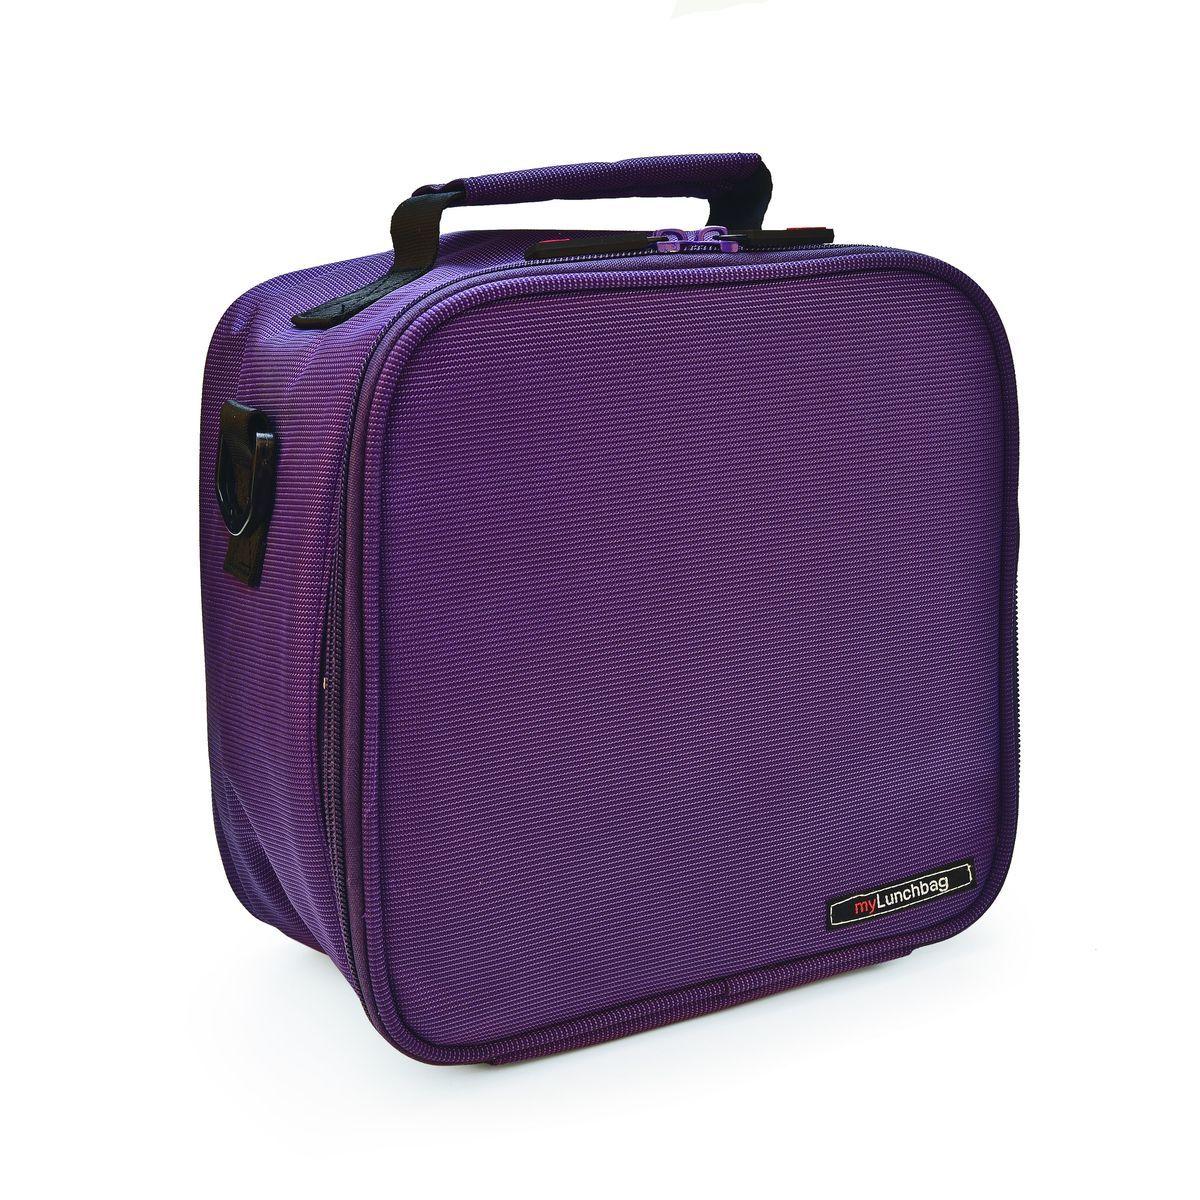 Ланч-бокс Iris Basic MyLunchbag, цвет: фиолетовый, 3,8 лI9232-TXЛанч-бокс Iris Basic MyLunchbag выполнен из высококачественного полиэстера и закрывается на застежку-молнию. Он отлично сохраняет свежесть и вкус продукта на несколько часов. Пригодится везде: на прогулке, на работе, учебе. С ним легко справится даже ребенок! Внутри имеется удобный сетчатый кармашек для аксессуаров, а также регулируемый ремень и ручка для переноски. Рекомендуется регулярно стирать сумку вручную в теплой воде с мылом.